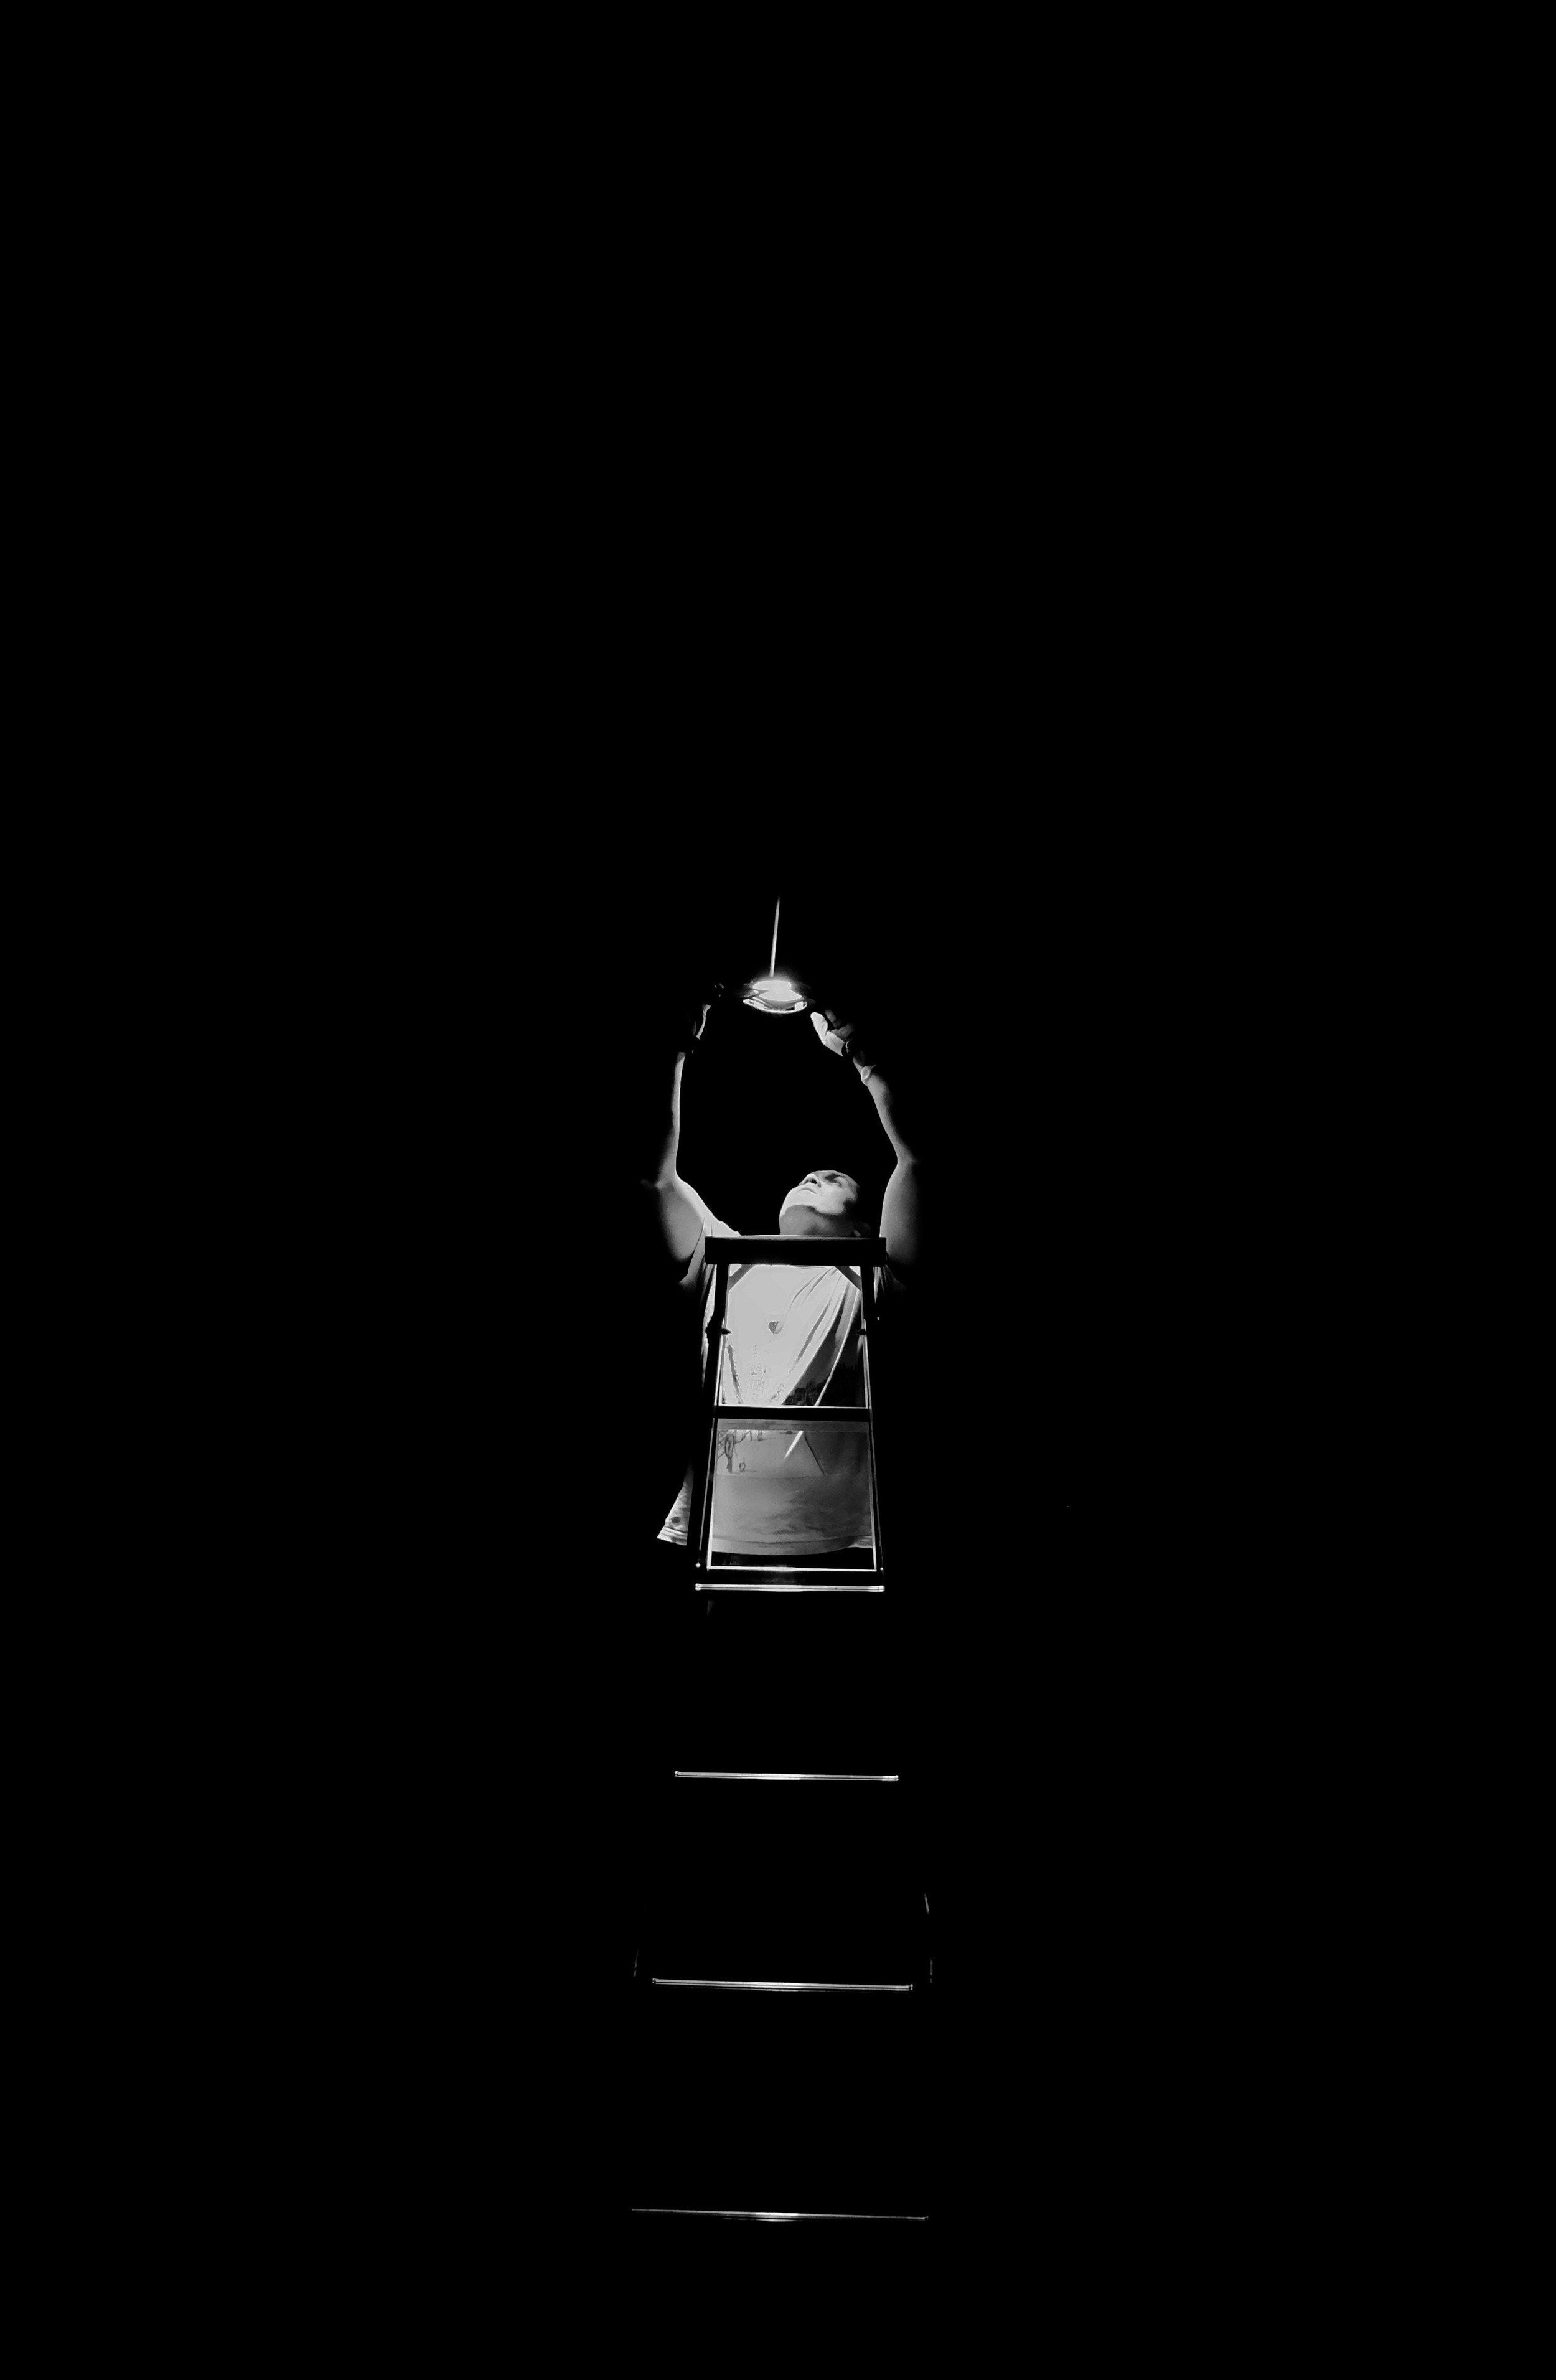 CHANGING LIGHTBULB yousef-al-nasser-261164-unsplash.jpg